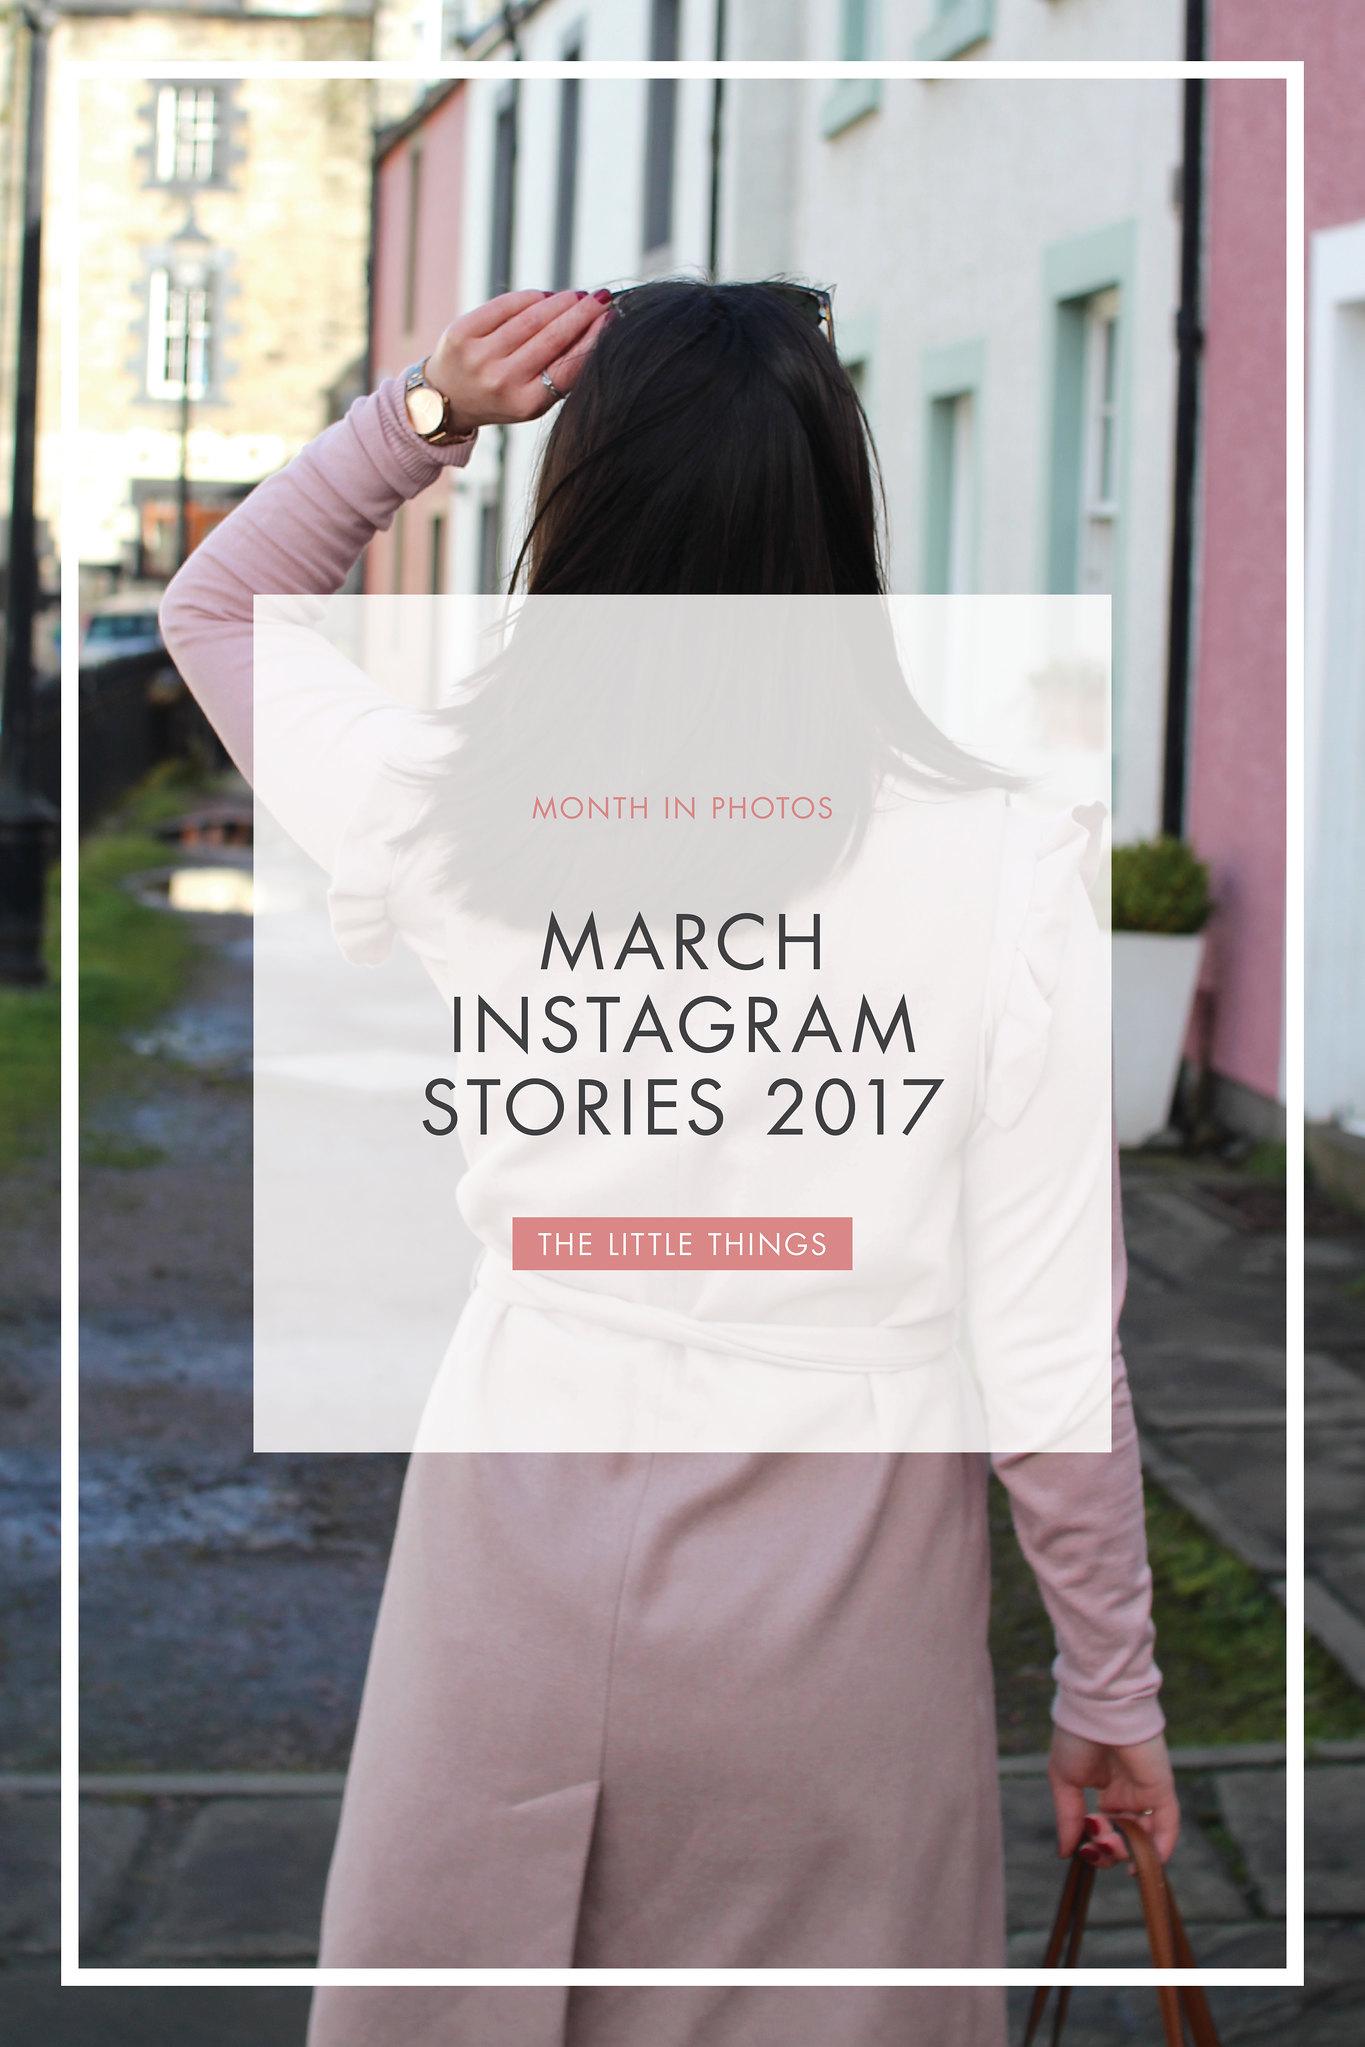 March Instagram stories 2017